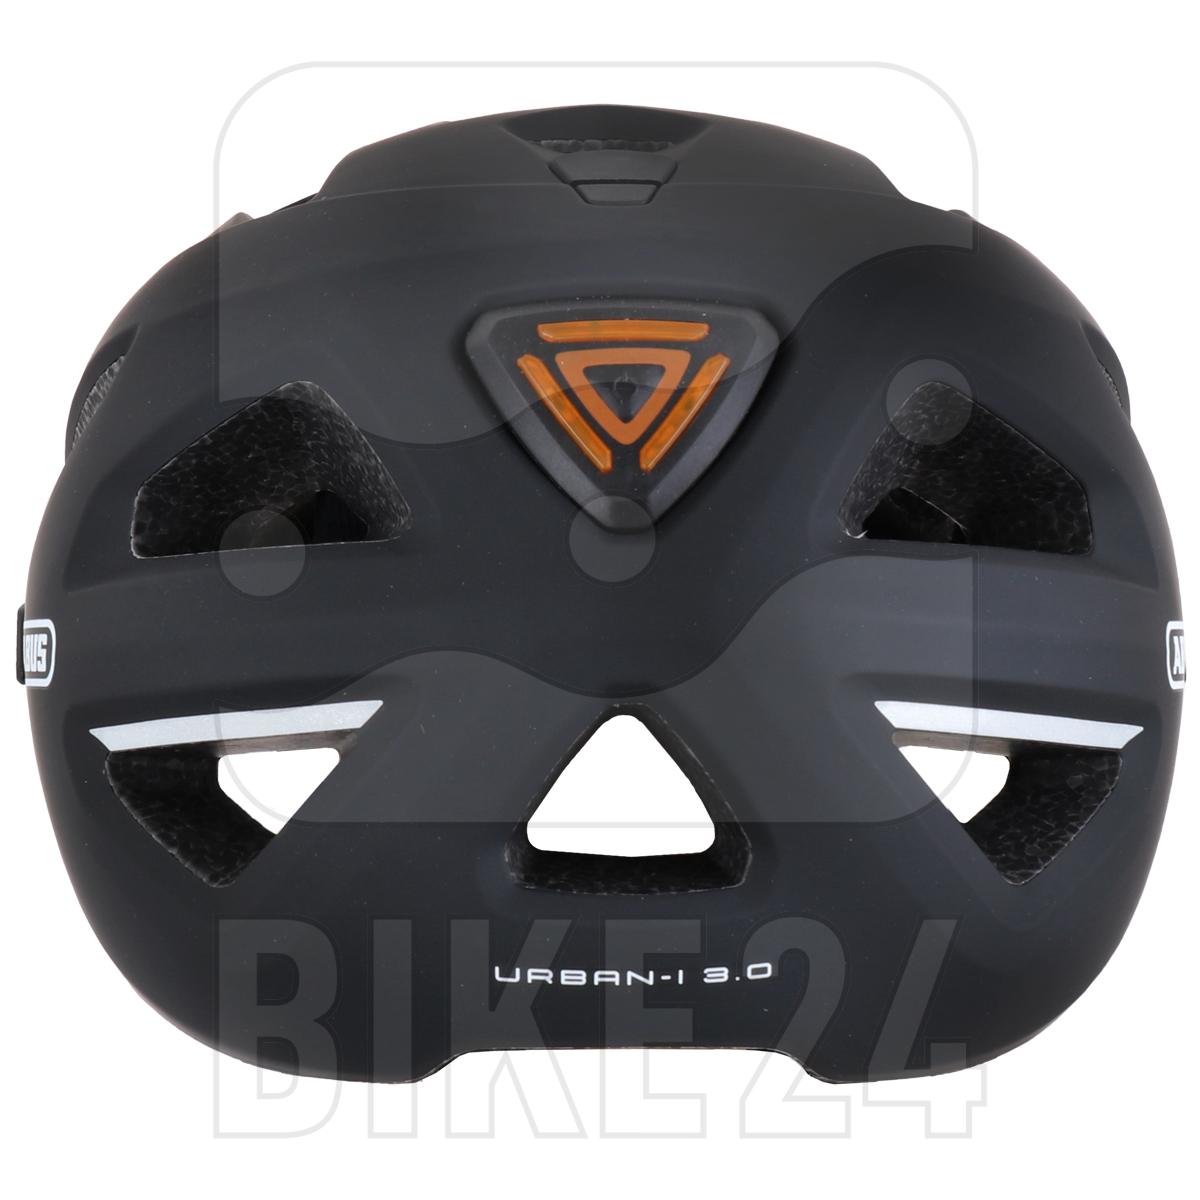 Imagen de ABUS Stadthelm Urban-I 3.0 Dresden Helmet - black